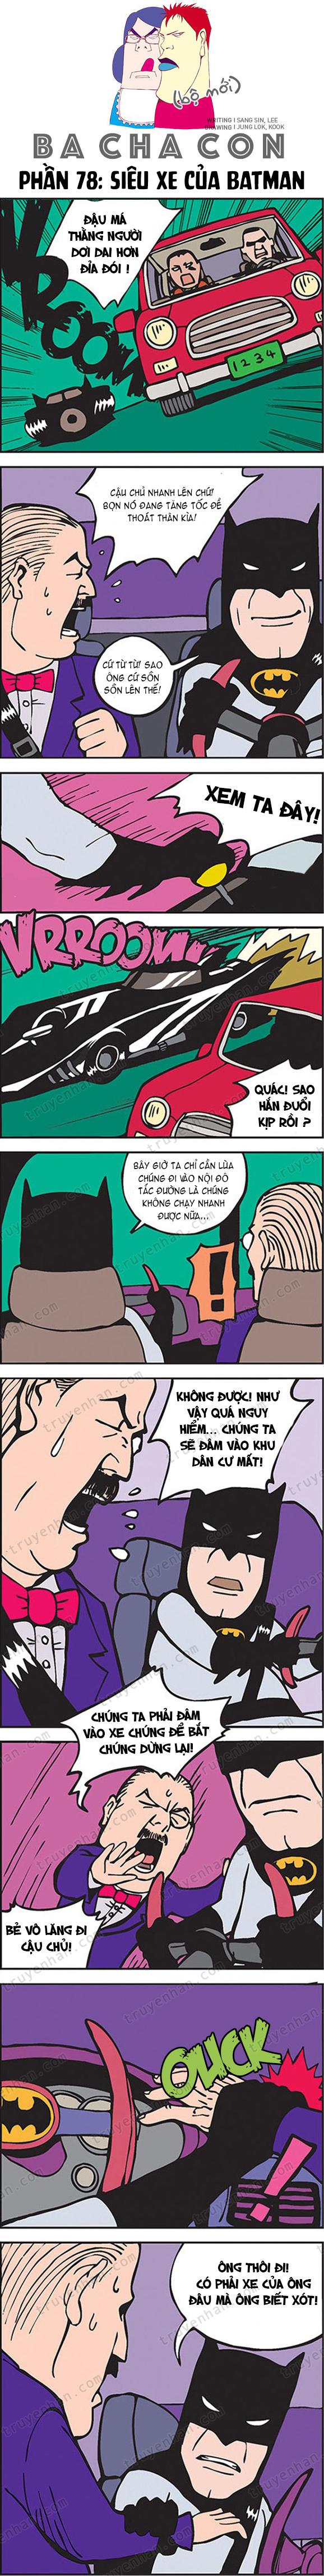 Ba cha con (bộ mới) phần 78: Siêu xe của Batman